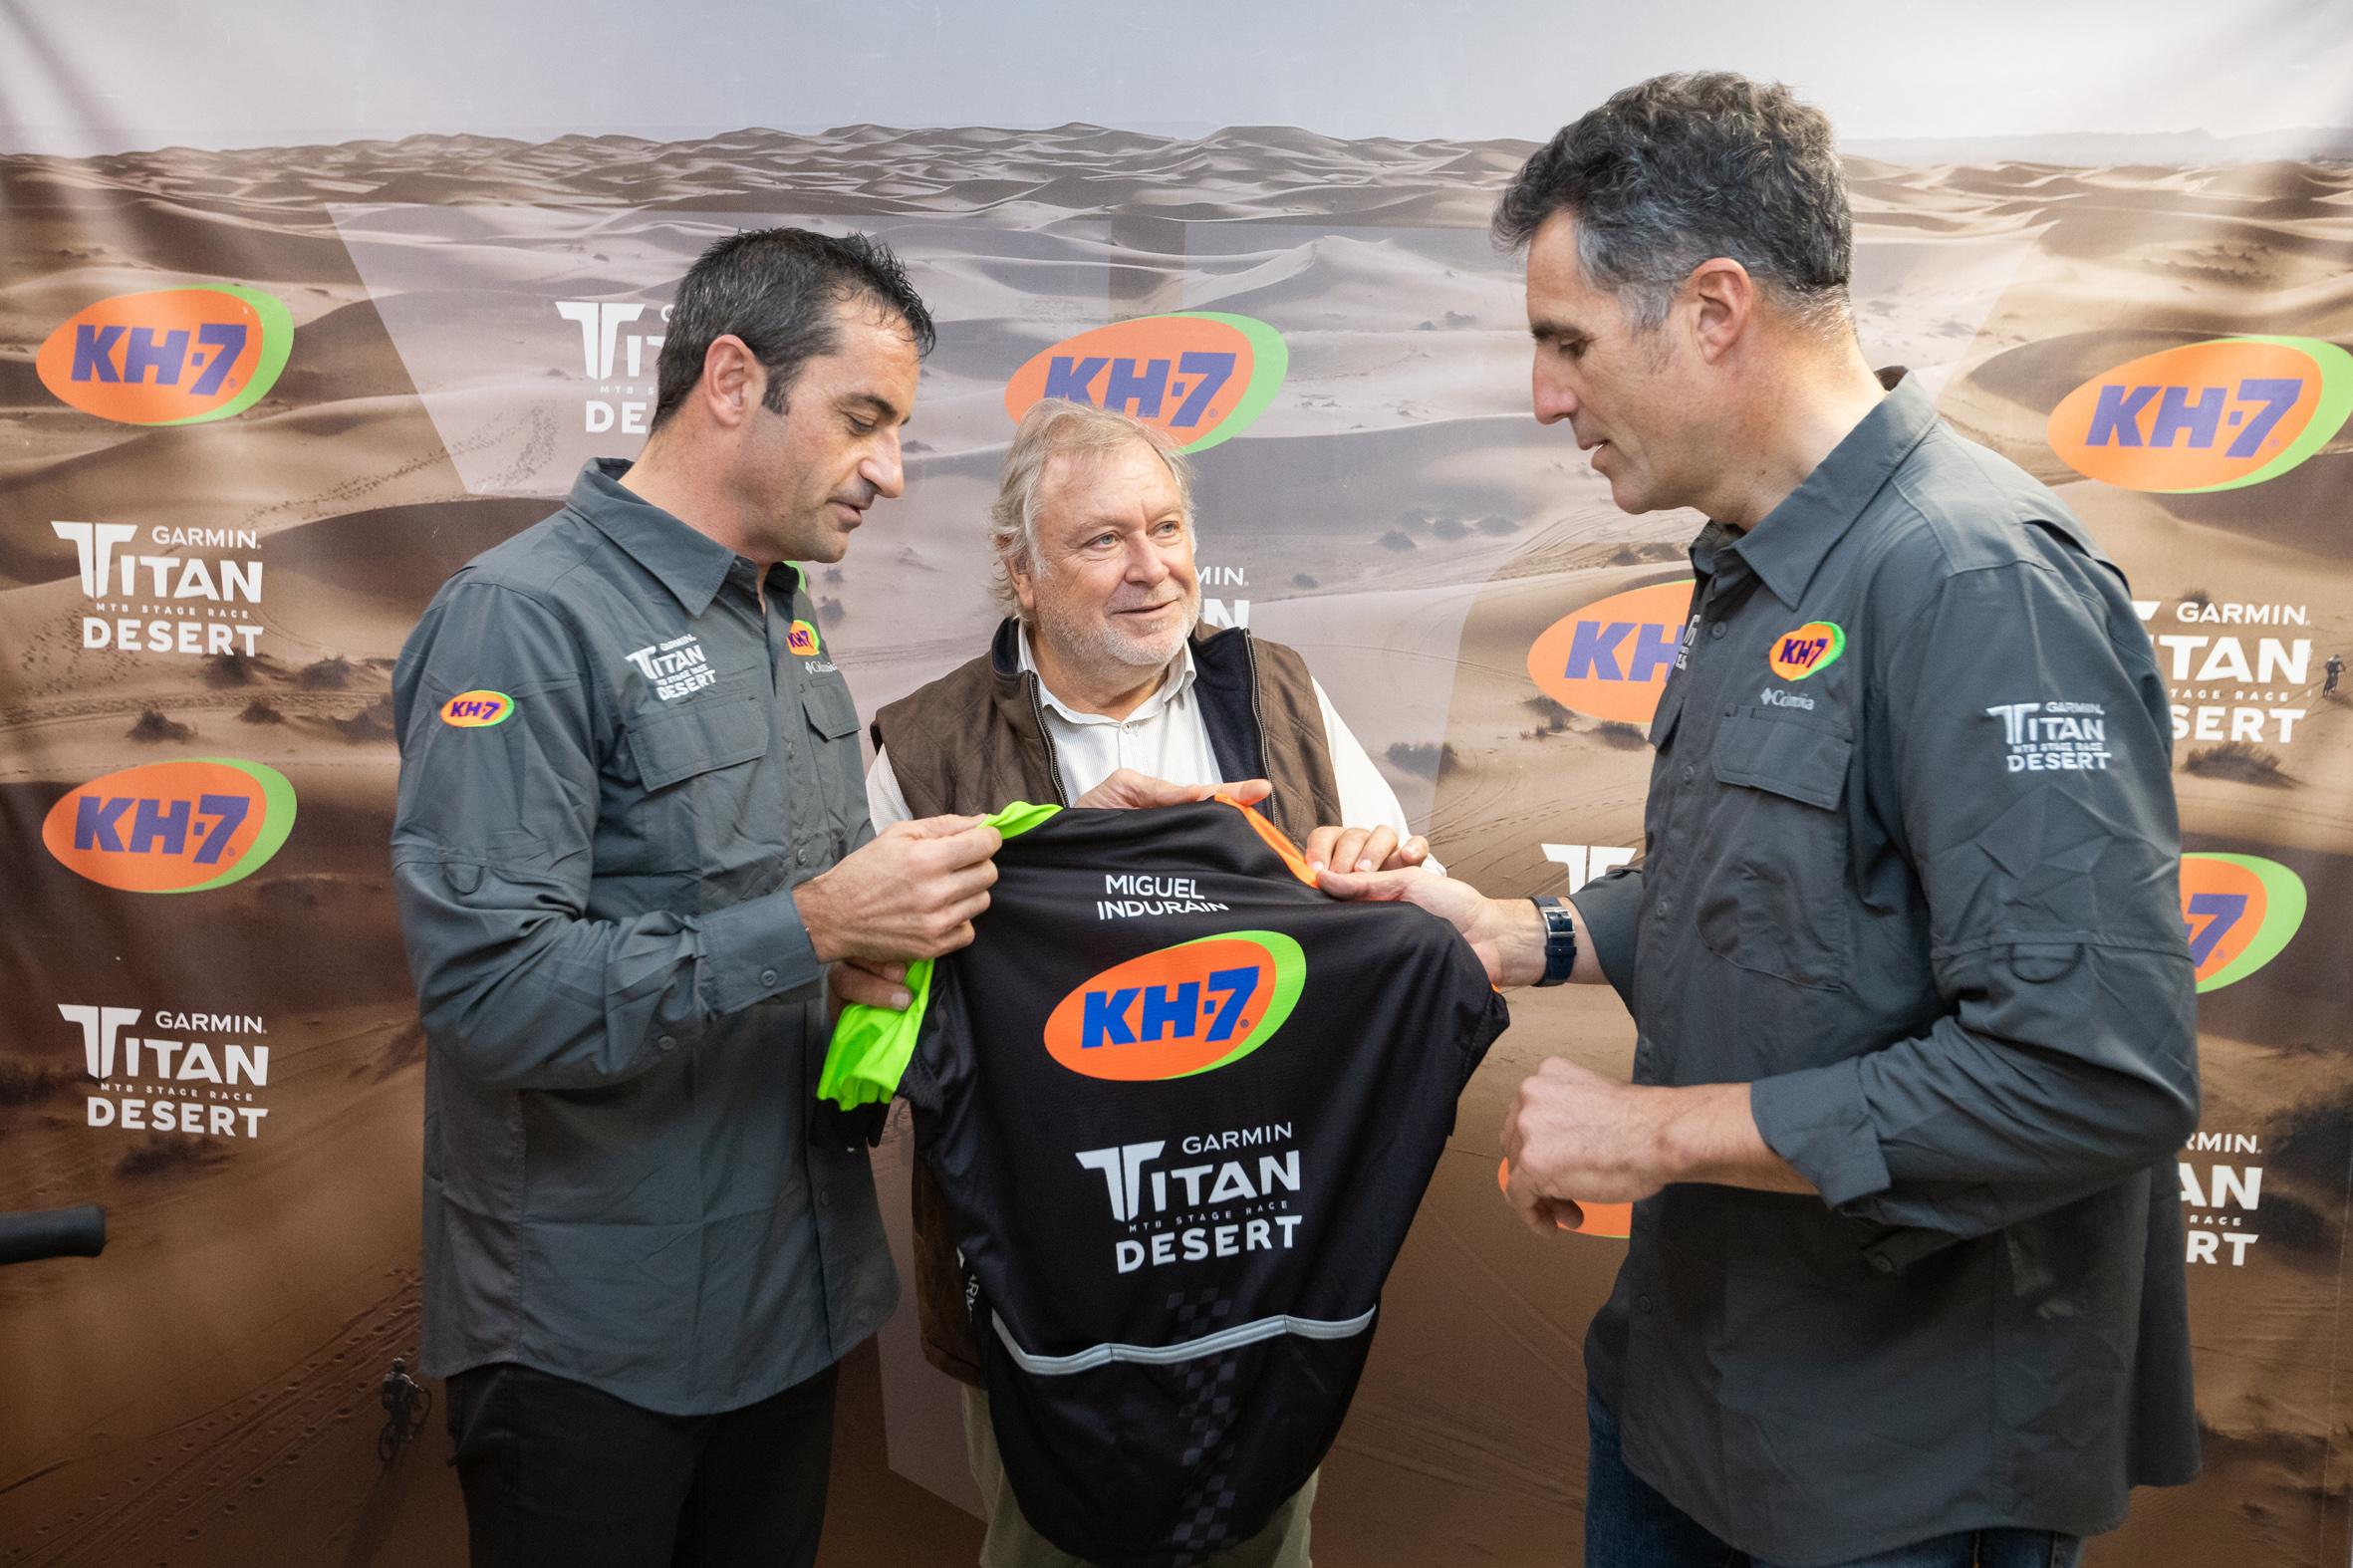 Indurain regresa a la competición para hacer la Titan Desert junto a su hijo